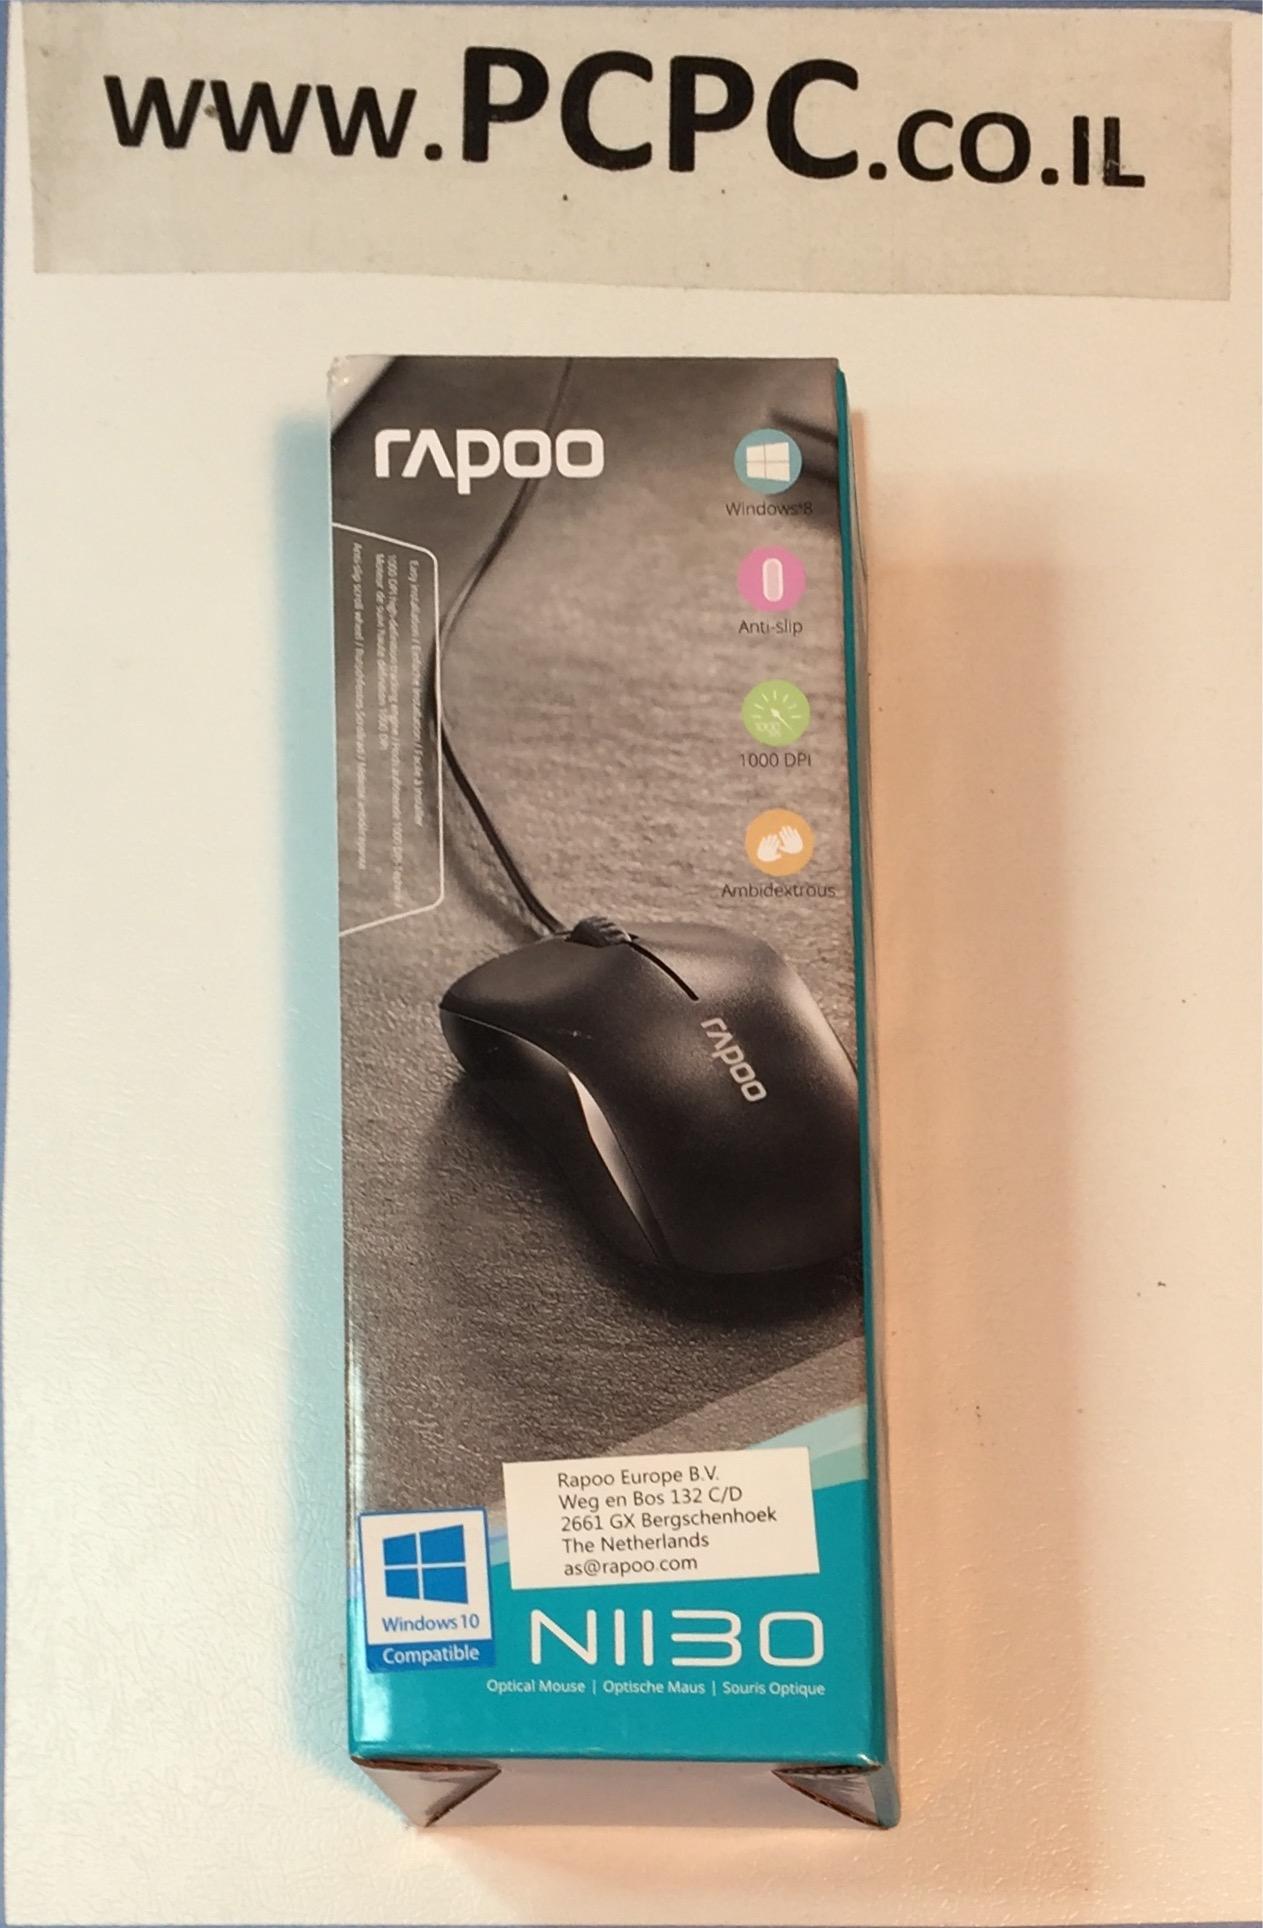 עכבר אופטי RAPOO N1130B